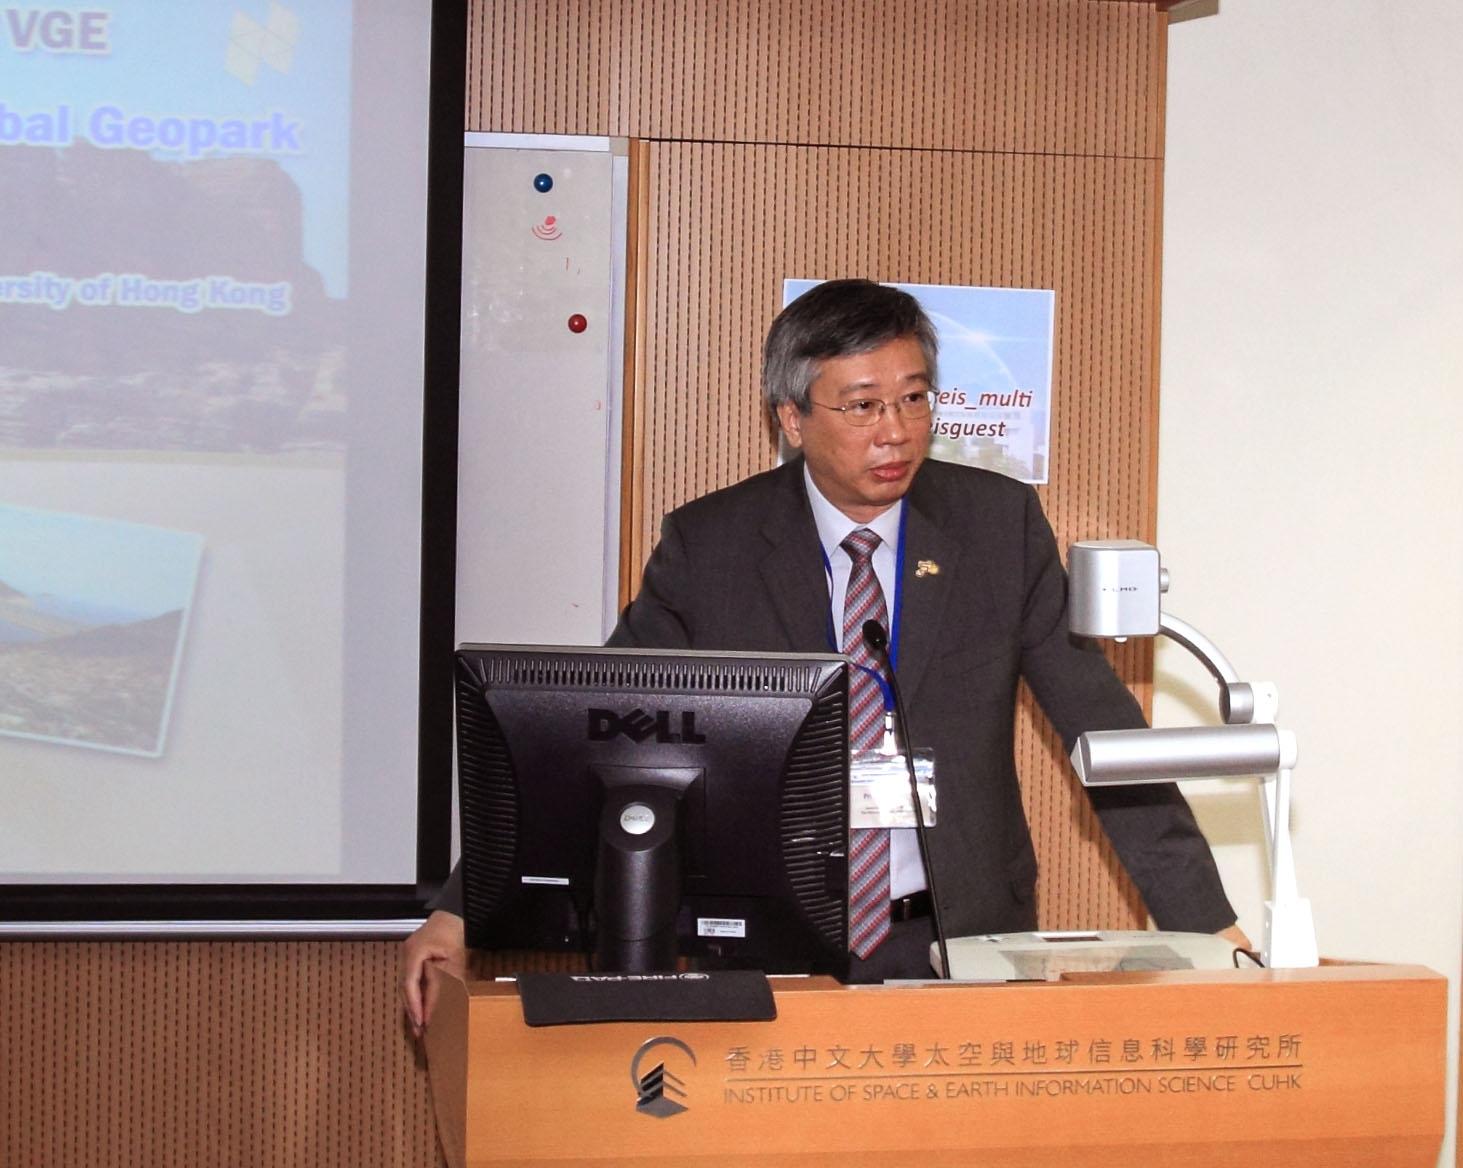 中大协理副校长冯通教授致欢迎辞。